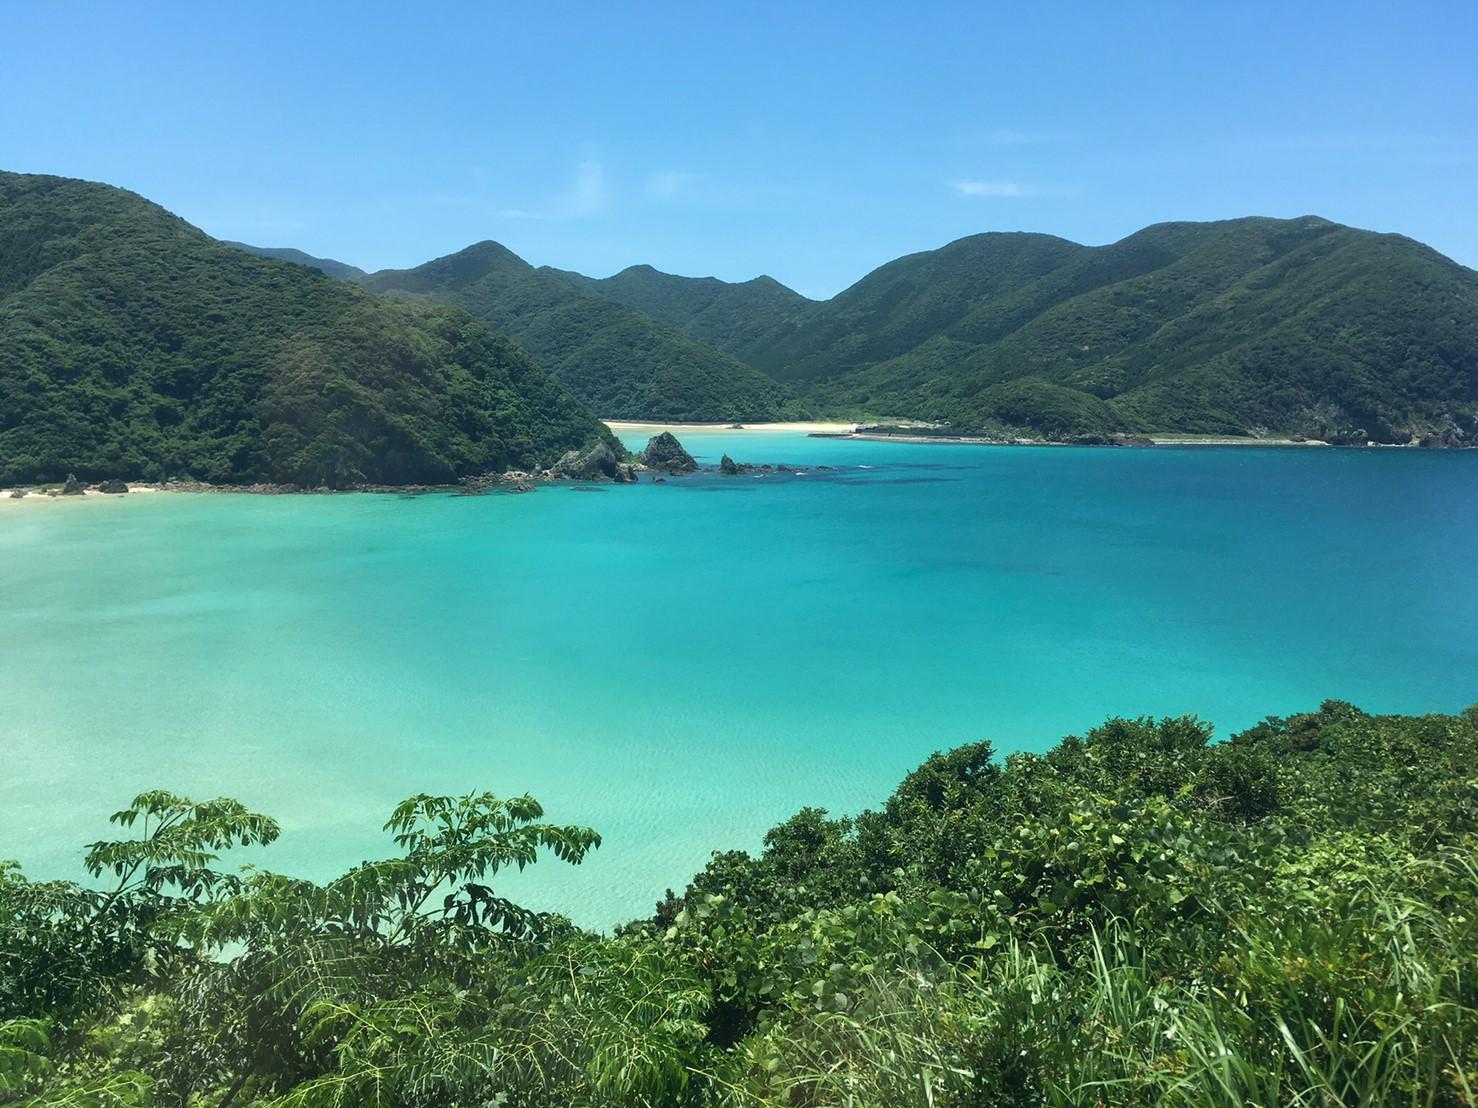 【長崎】五島列島の福江島に日帰りで行ってきた